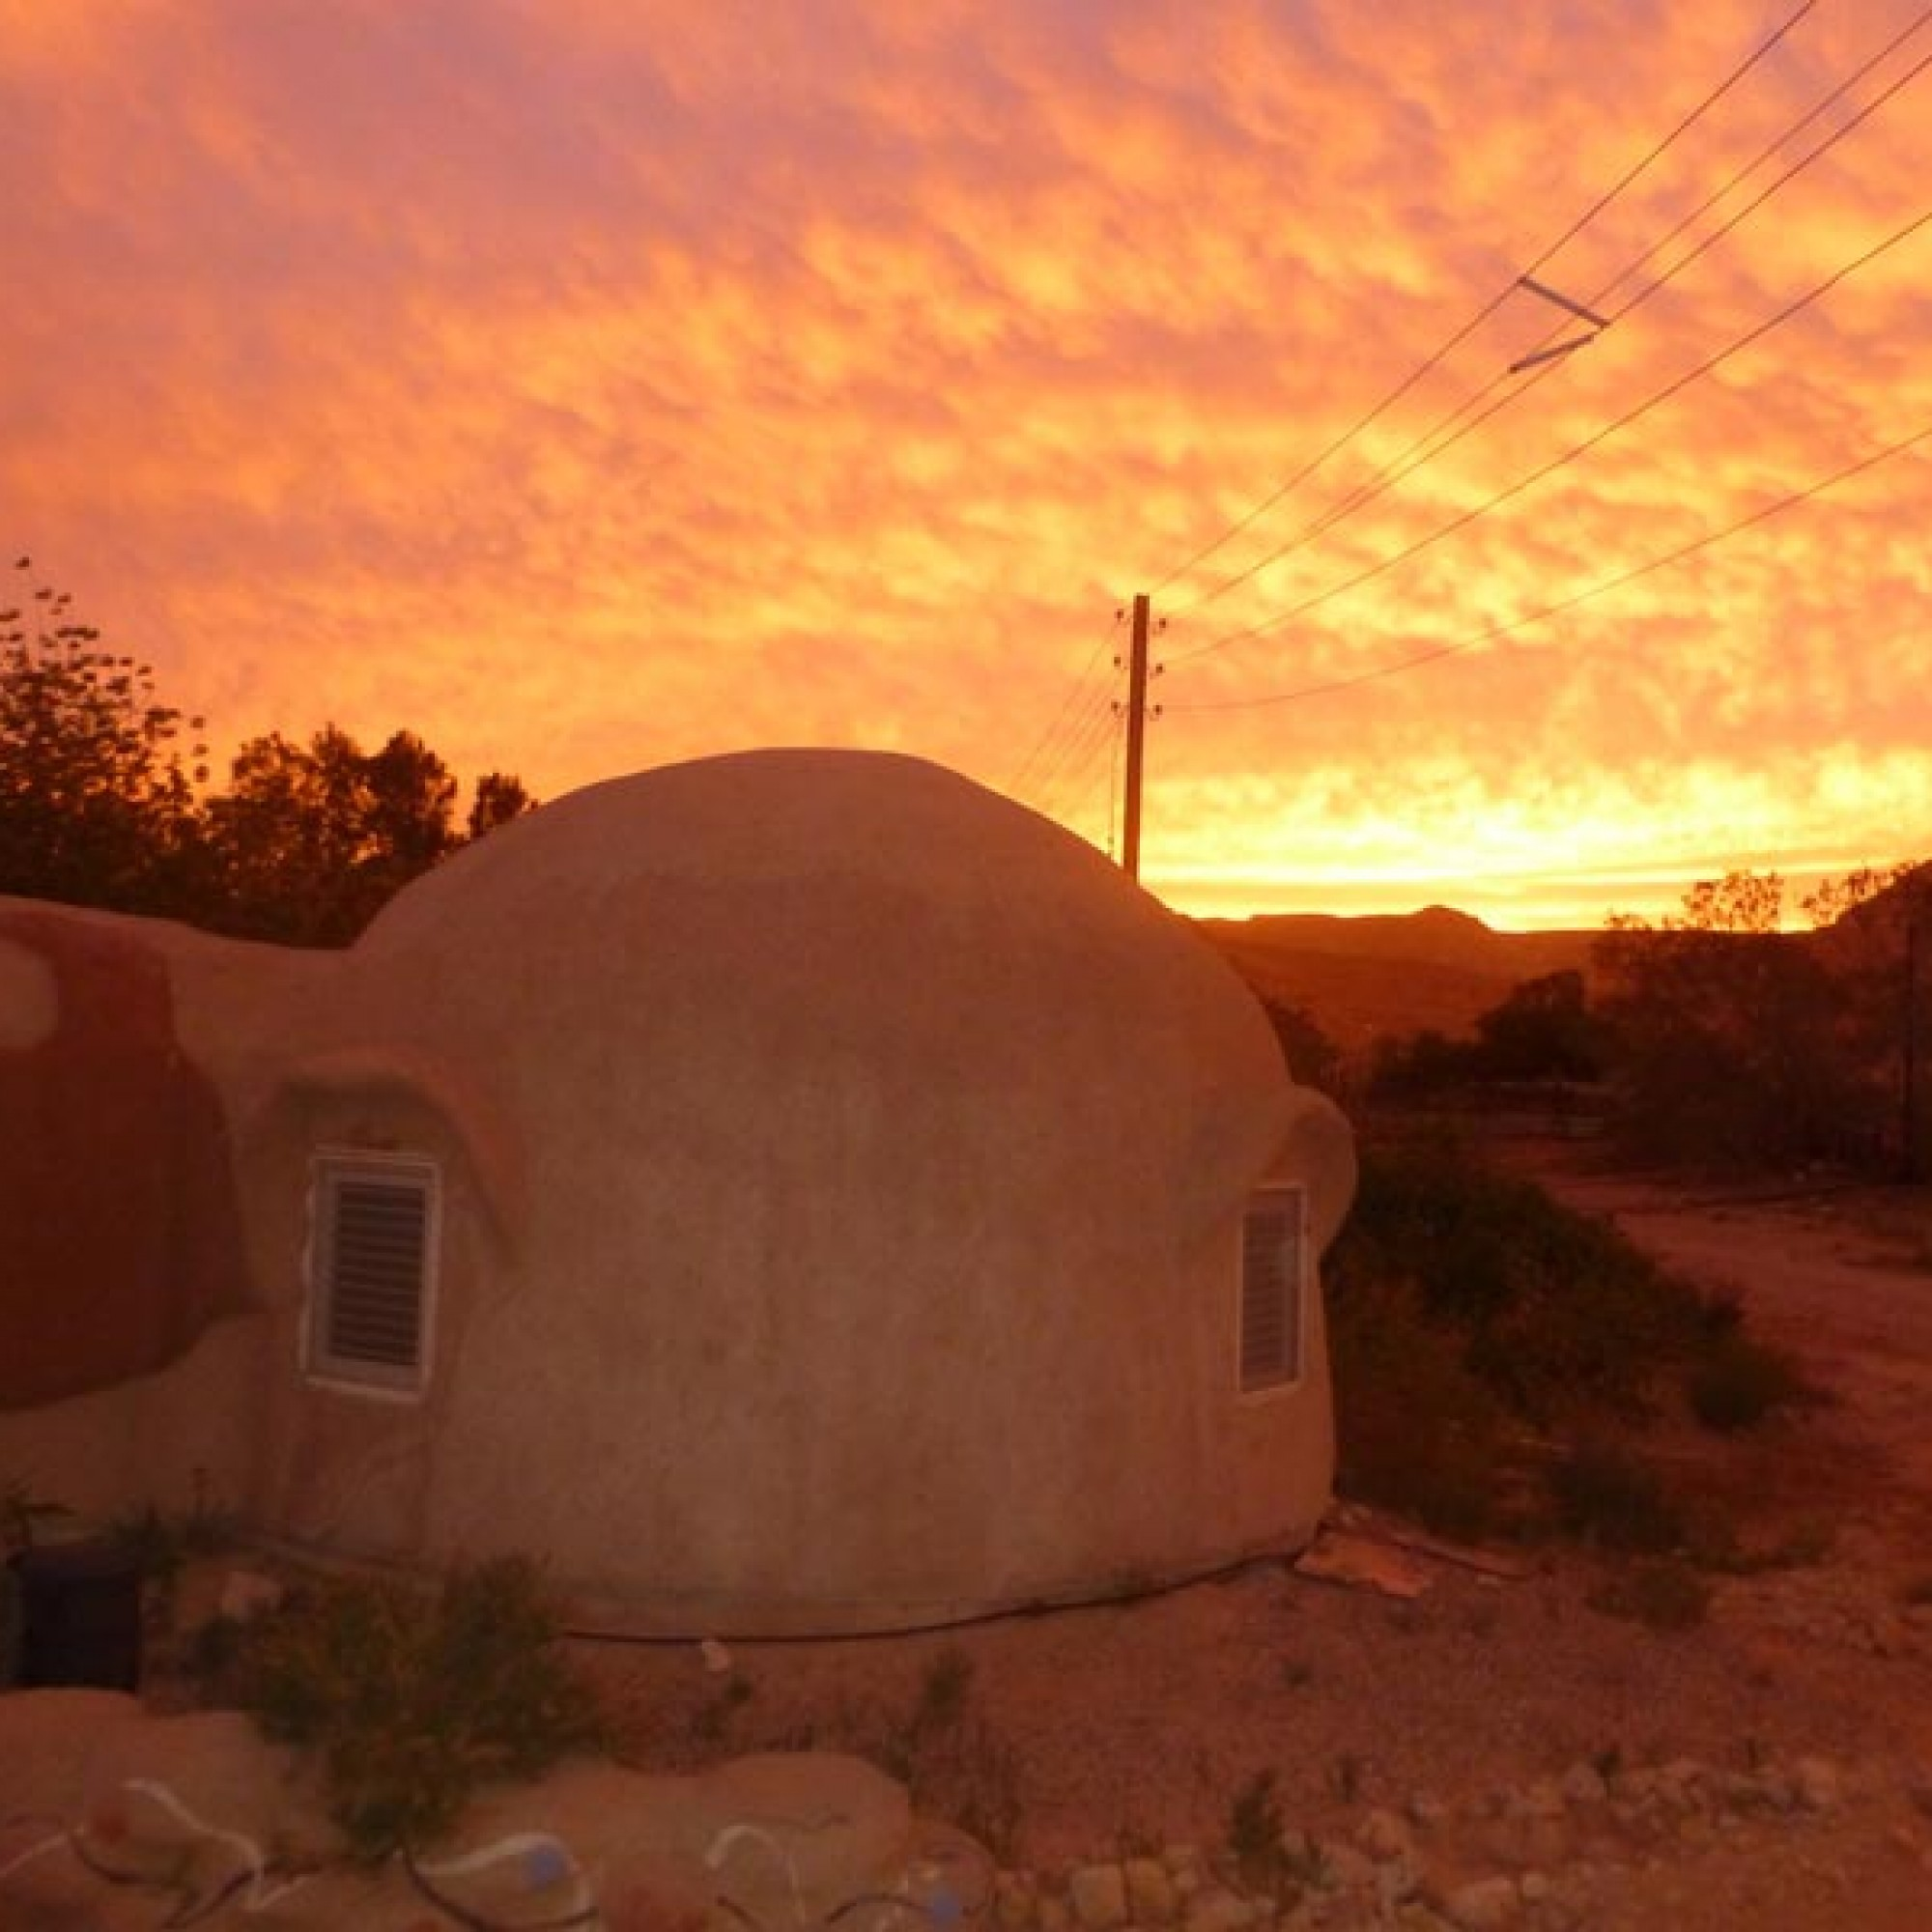 Hausbau mit Sand und Lehm und mithilfe der traditionellen Techniken in der Wüste Israels. (Bild: zvg)